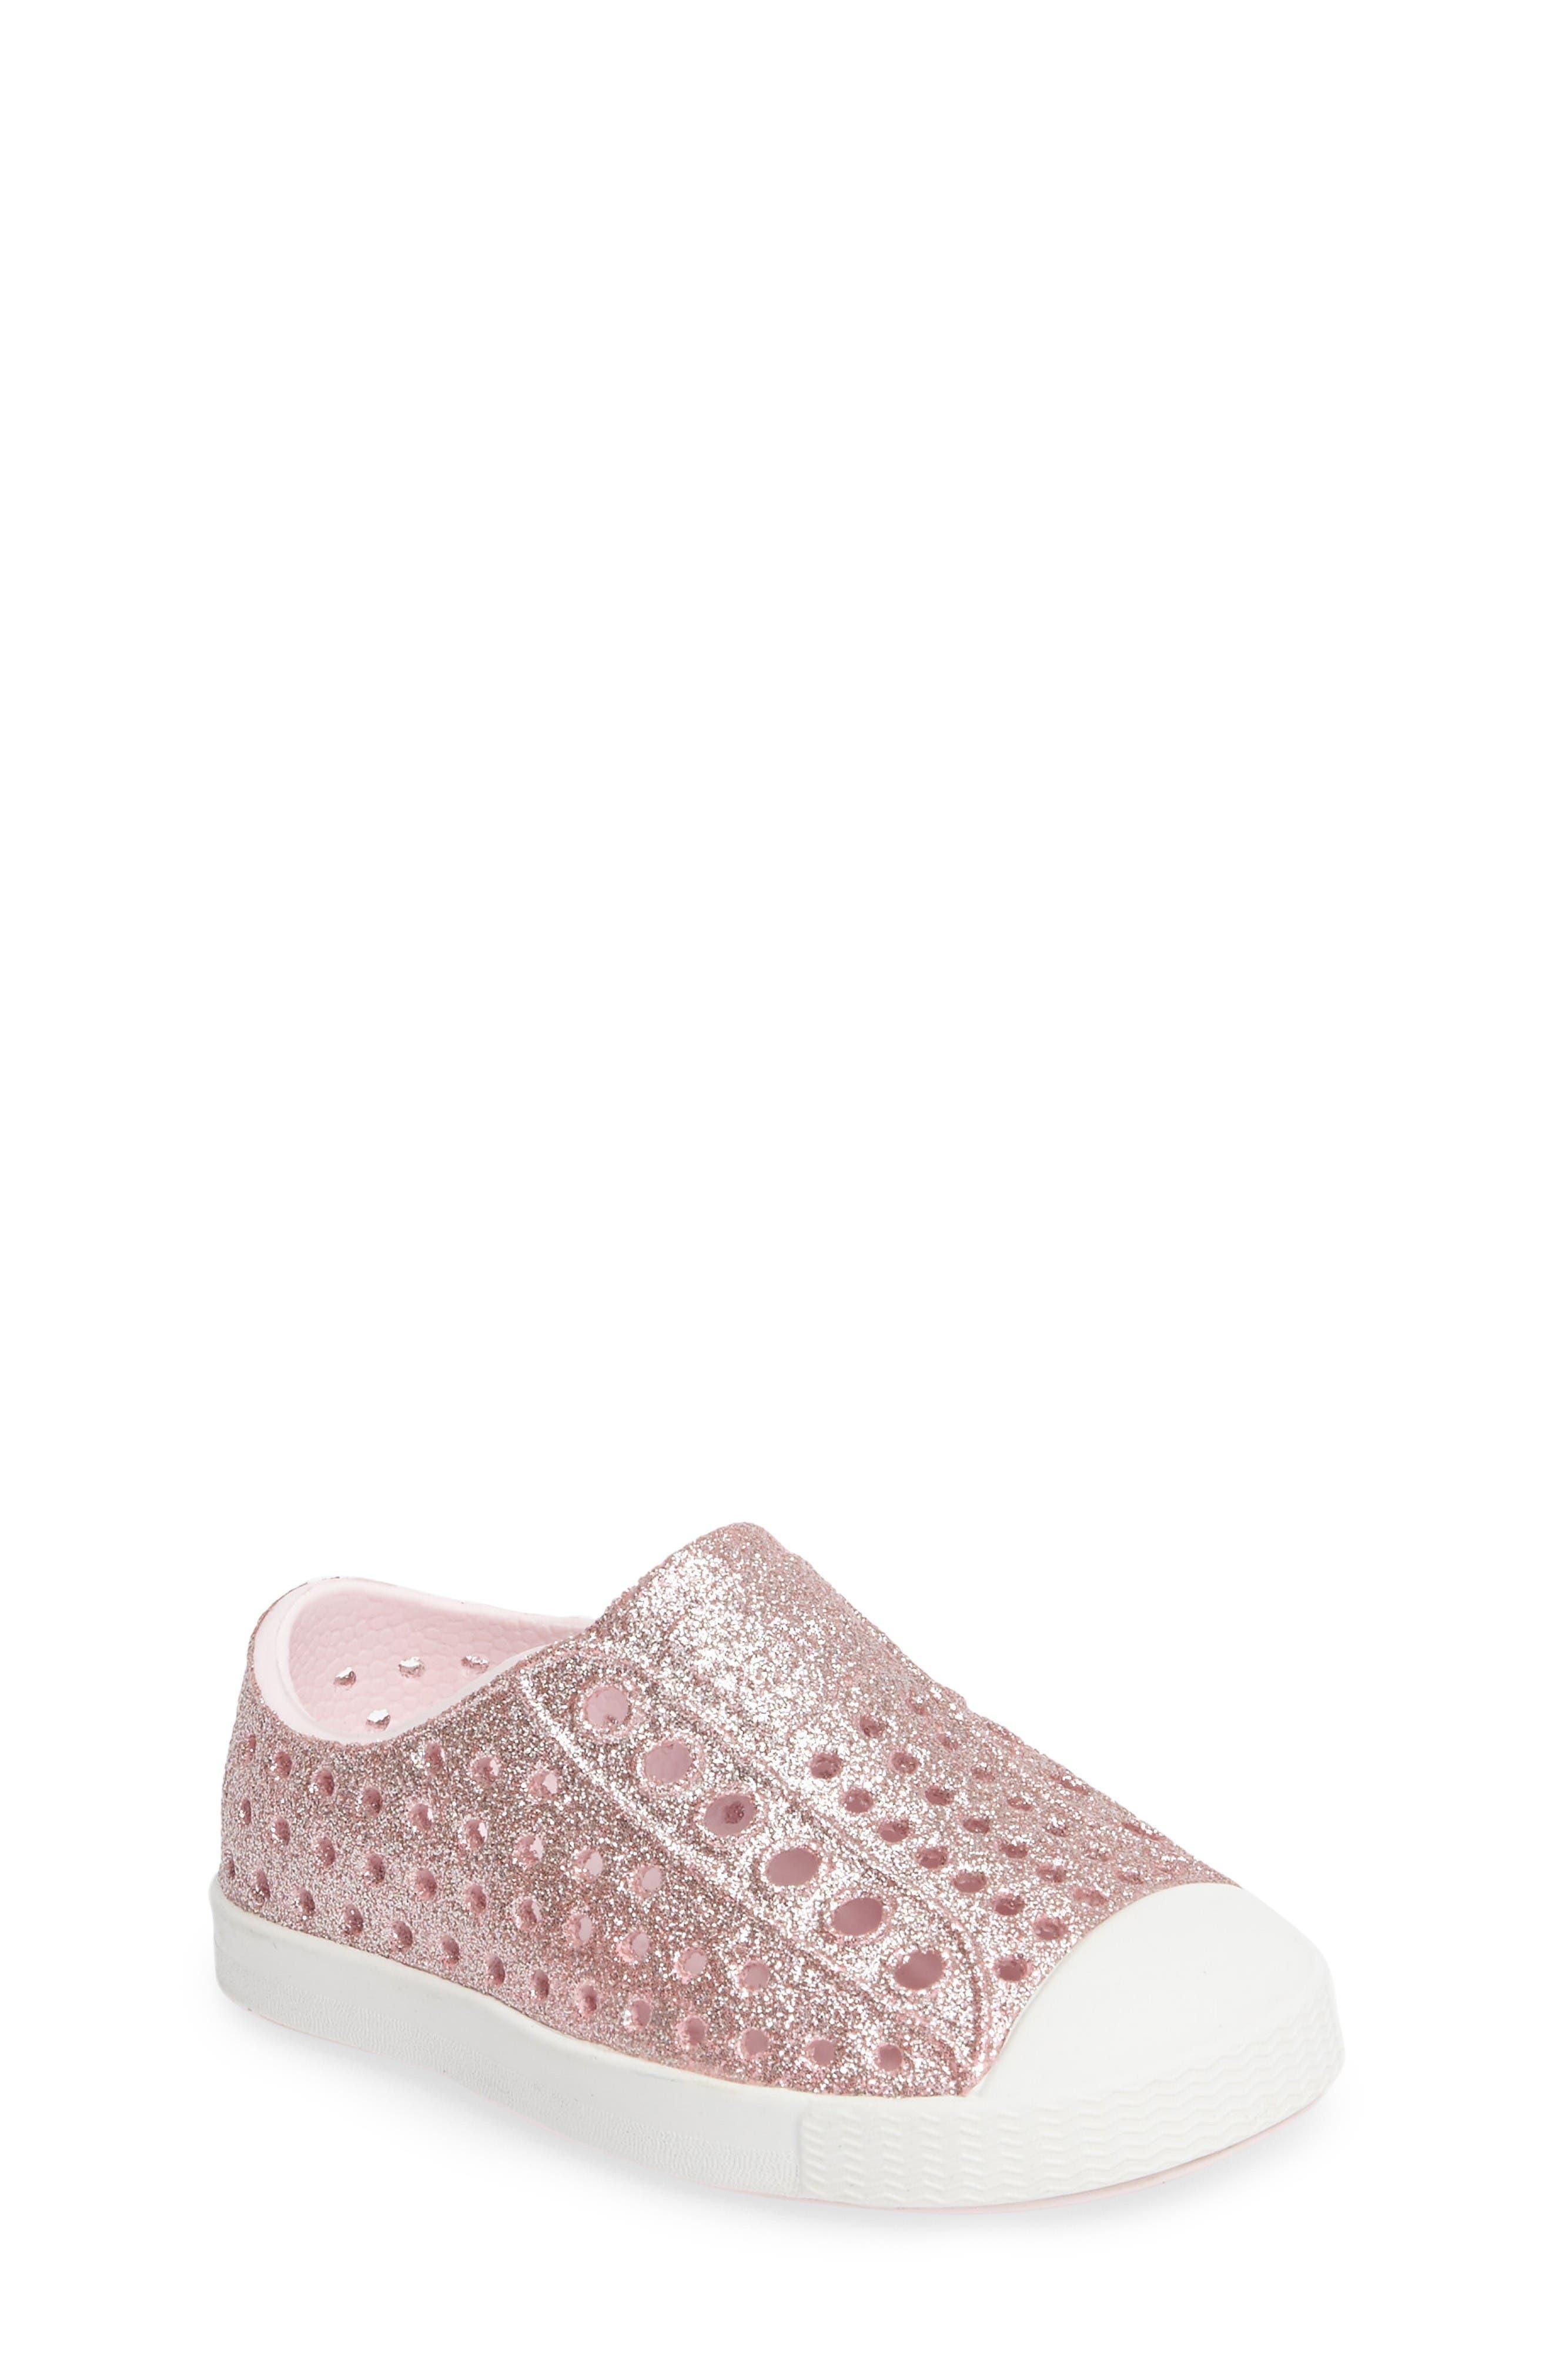 Native Shoes Jefferson - Bling Glitter Slip-On Sneaker (Baby, Walker, Toddler & Little Kid)